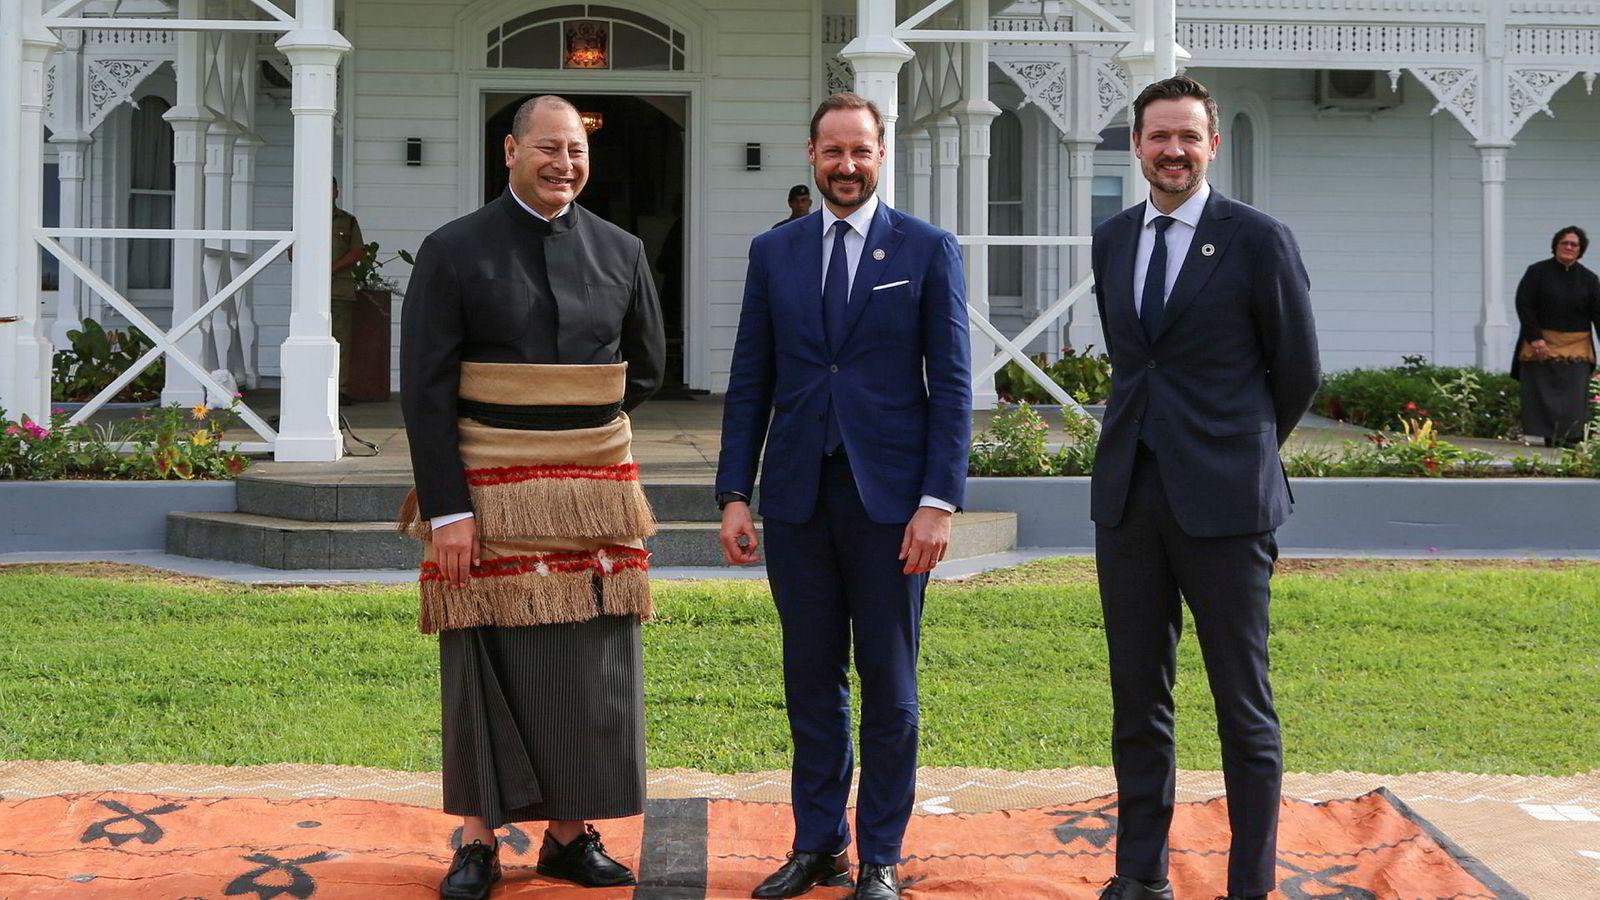 Kronprins Haakon (i midten) og utviklingsminister Dag-Inge Ulstein møter kong Tupou VI på stillehavsparadiset Tonga.Foto: Karen Setten/NTB Scanpix